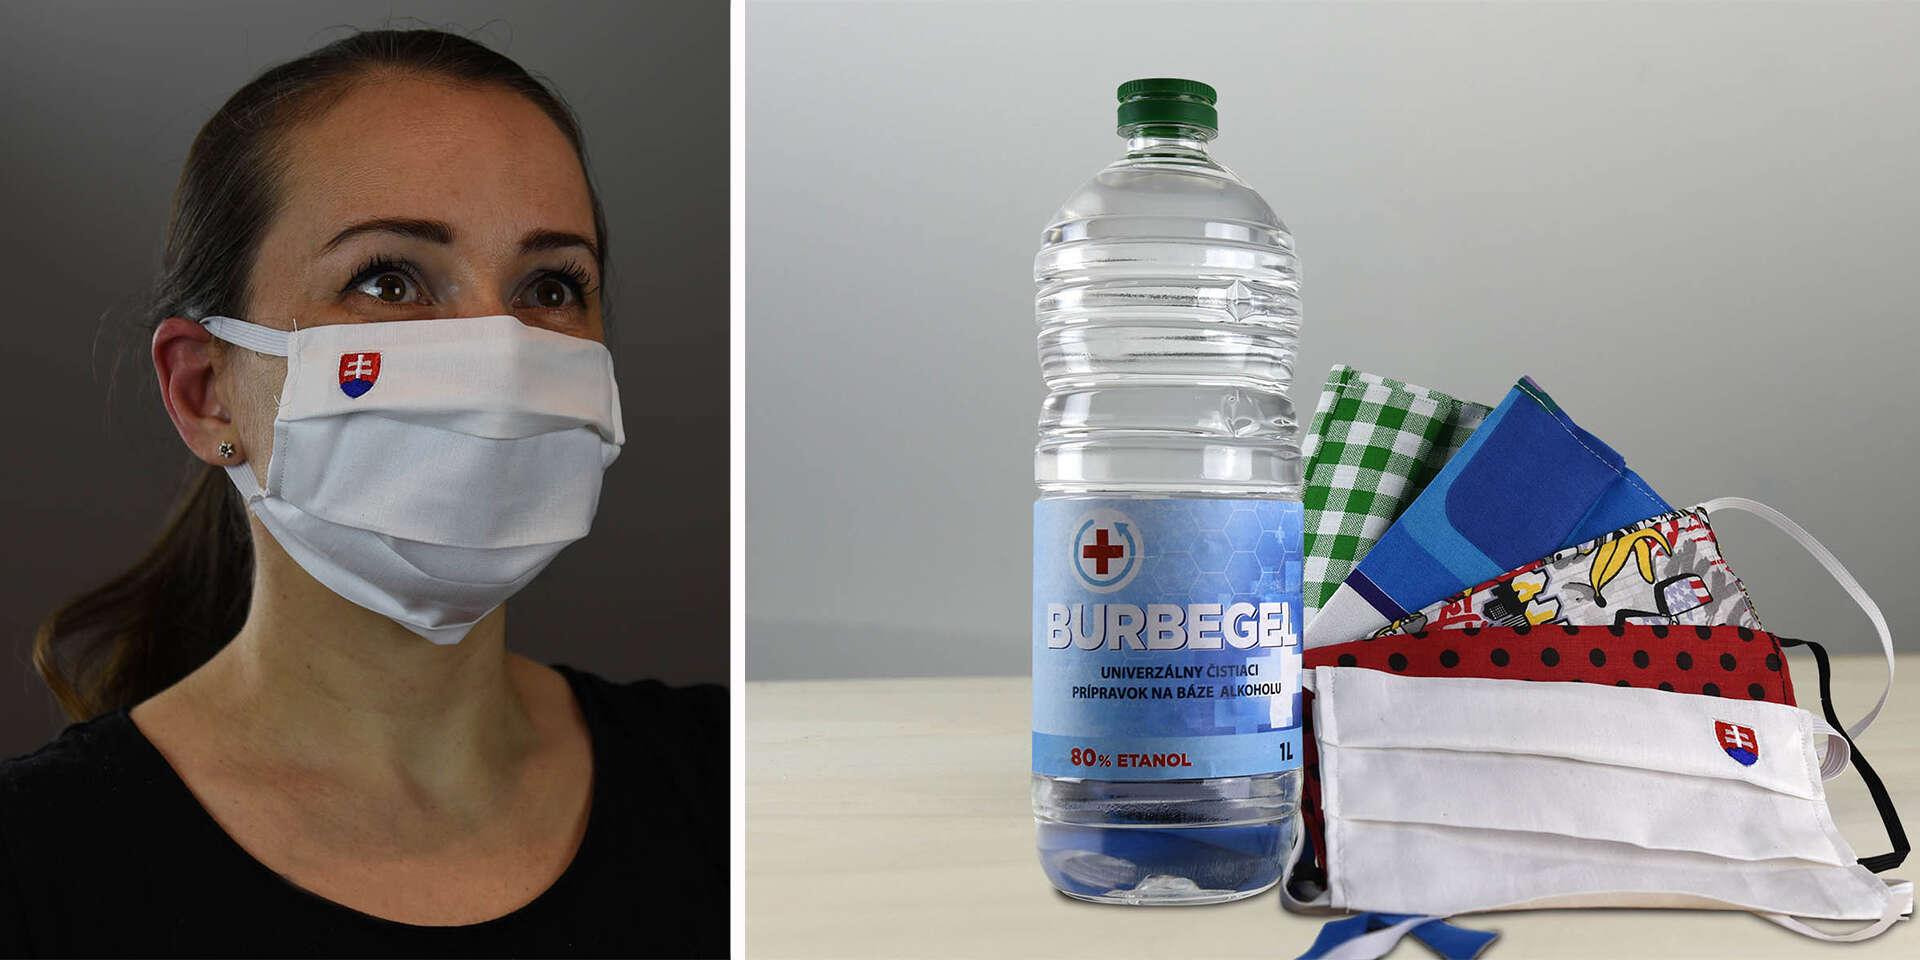 Exkluzívne ochranné rúško Slovensko alebo balíček rúšok a 1 liter dezinfekcie s doručením do 24 hodín kuriérom v cene